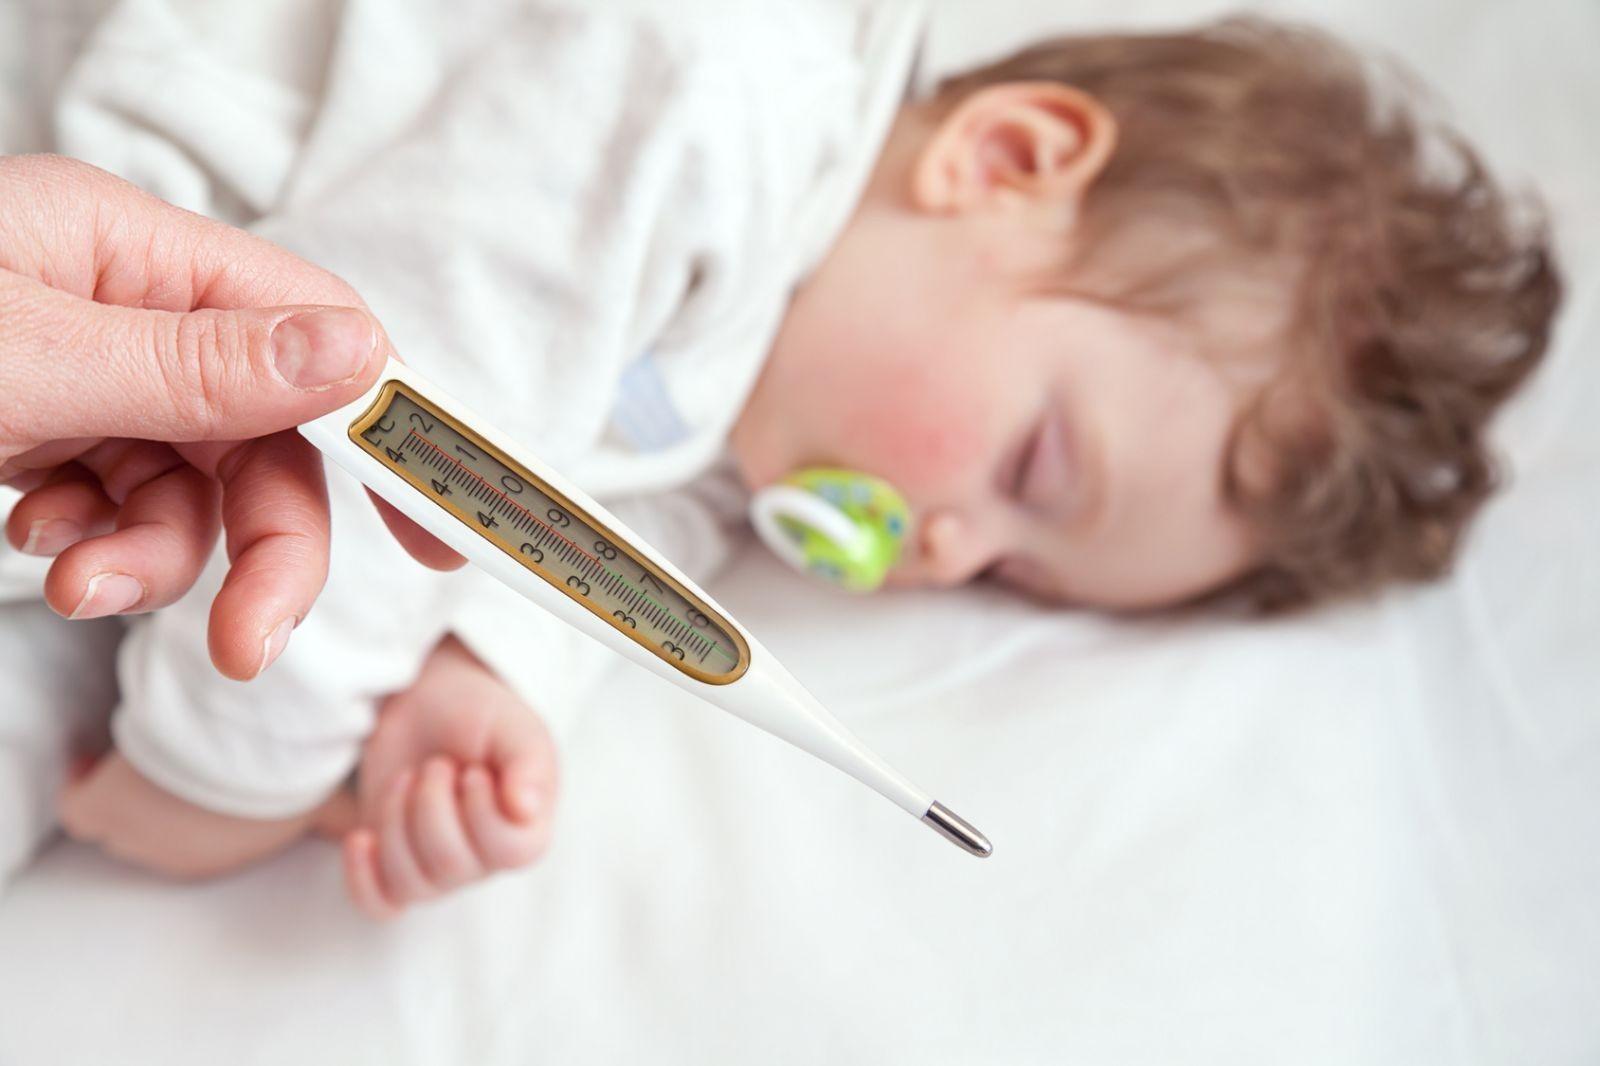 các bệnh mùa hè thường gặp ở trẻ, bệnh mùa hè thường gặp ở trẻ, bệnh thường gặp ở trẻ em vào mùa hè, các bệnh thường gặp ở trẻ vào mùa hè, các bệnh thường gặp ở trẻ trong mùa hè, các bệnh thường gặp ở trẻ nhỏ mùa hè